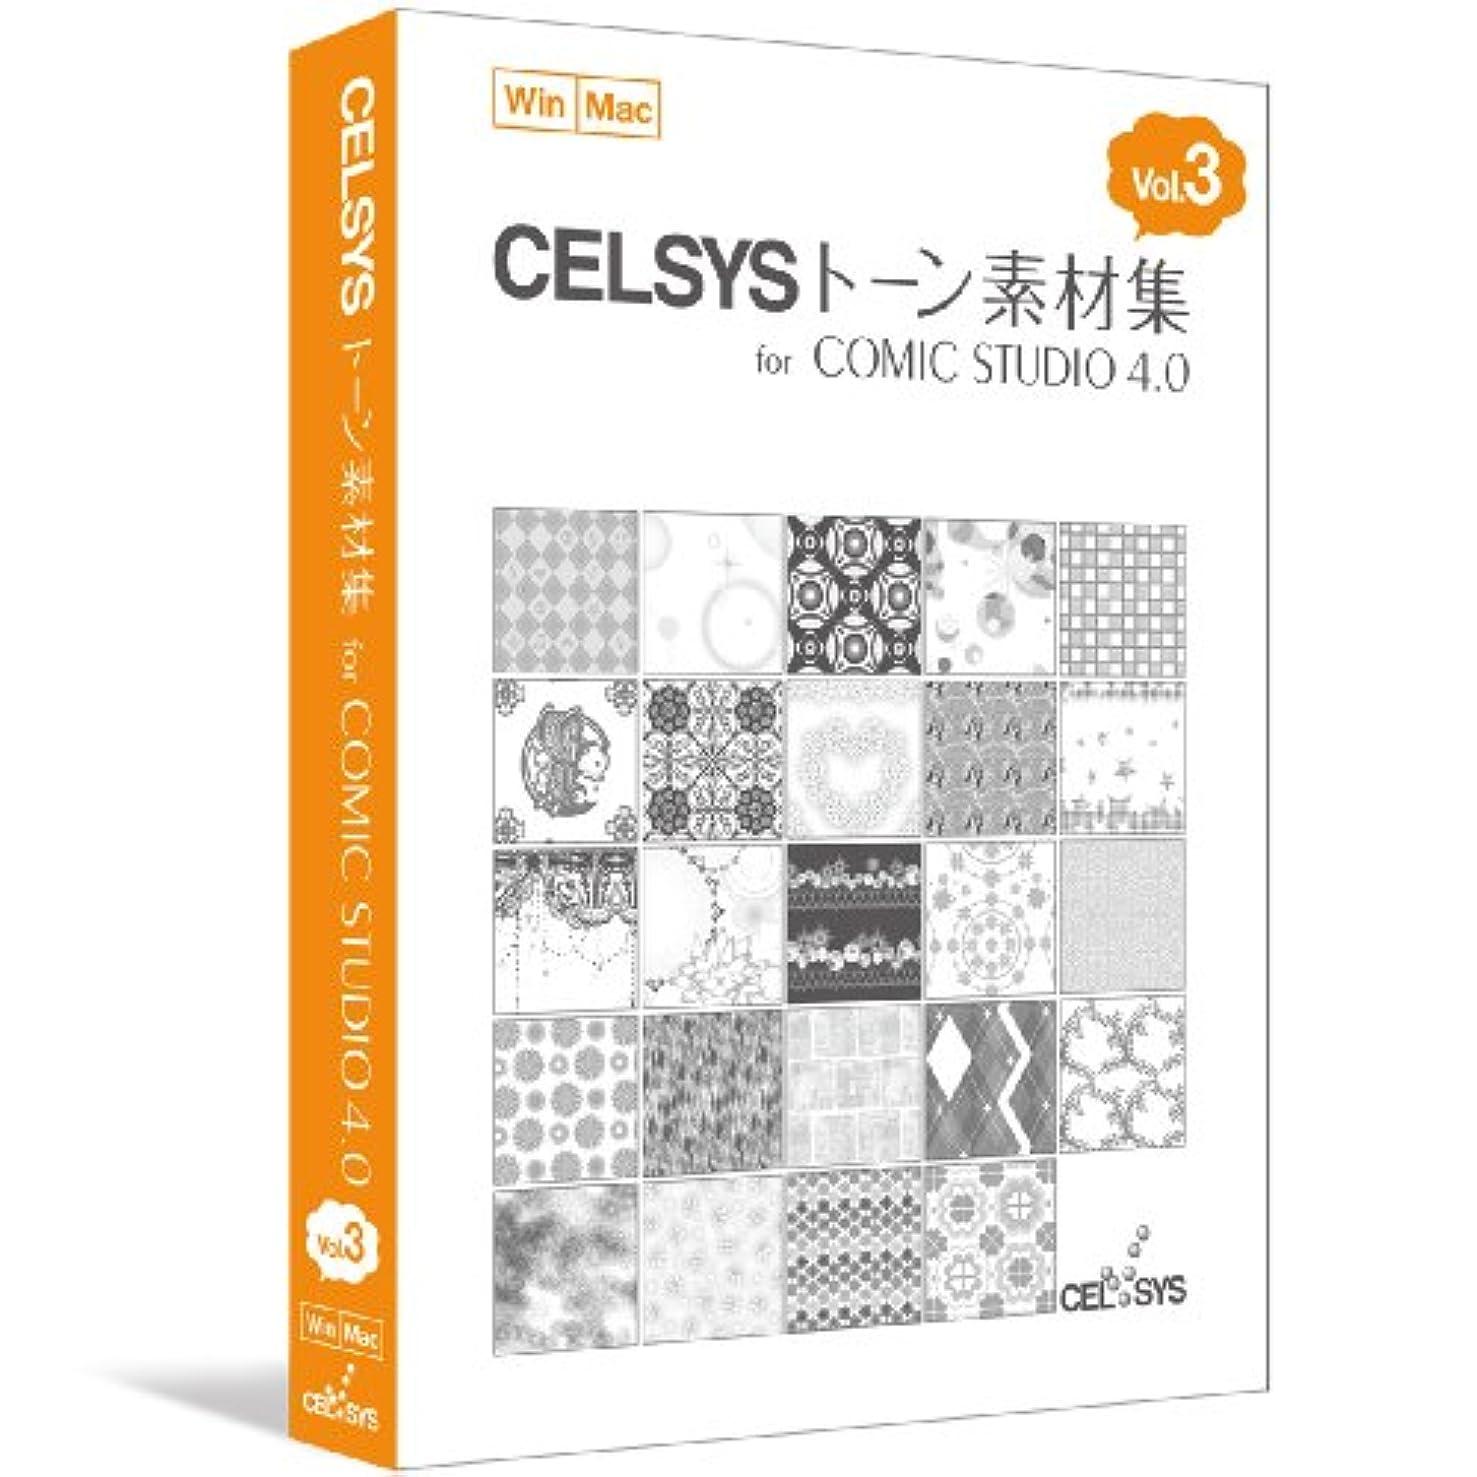 消化戸棚アコードセルシス CELSYSトーン素材集 for ComicStudio4.0 Vol.3